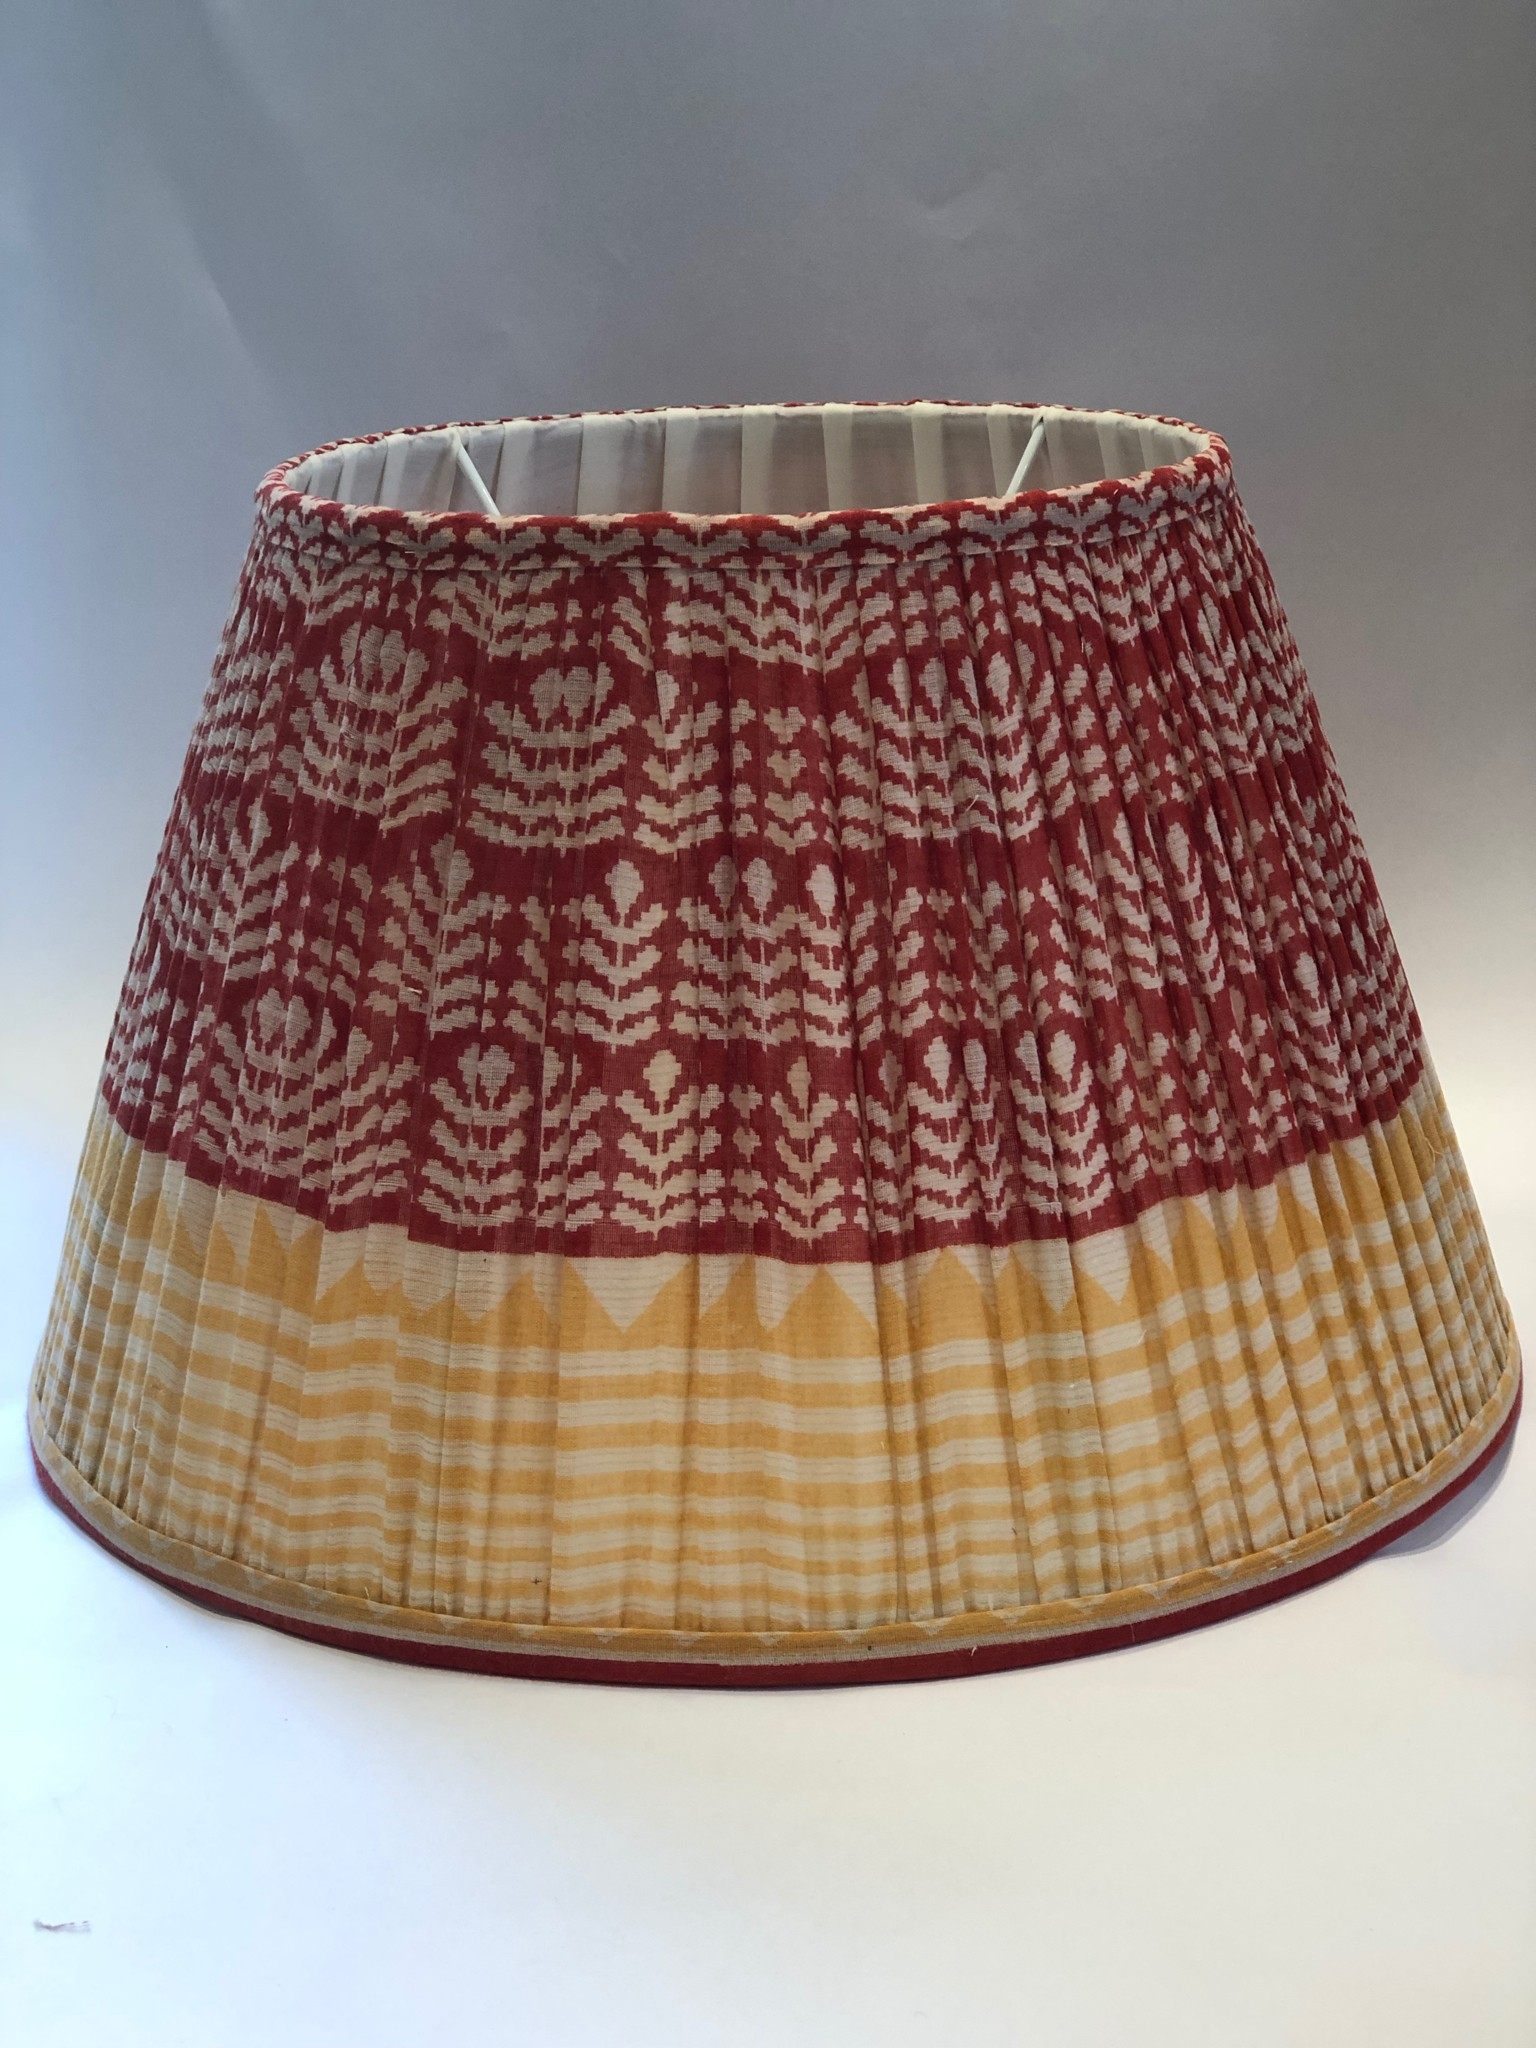 Red & Yellow Cotton Sari Lampshade